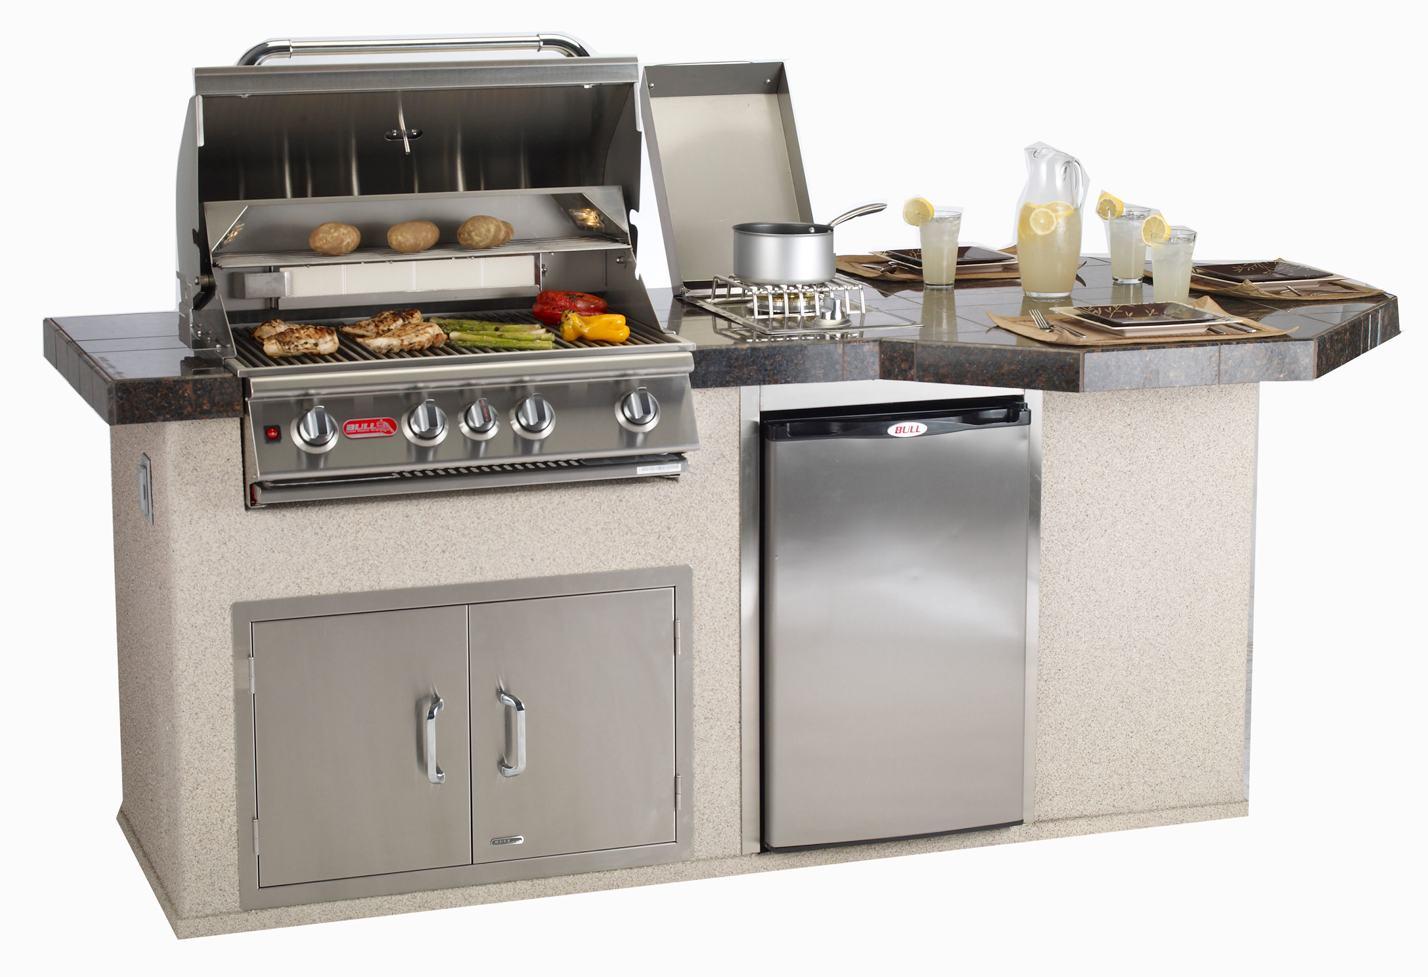 outdoor kitchen grills photo - 3